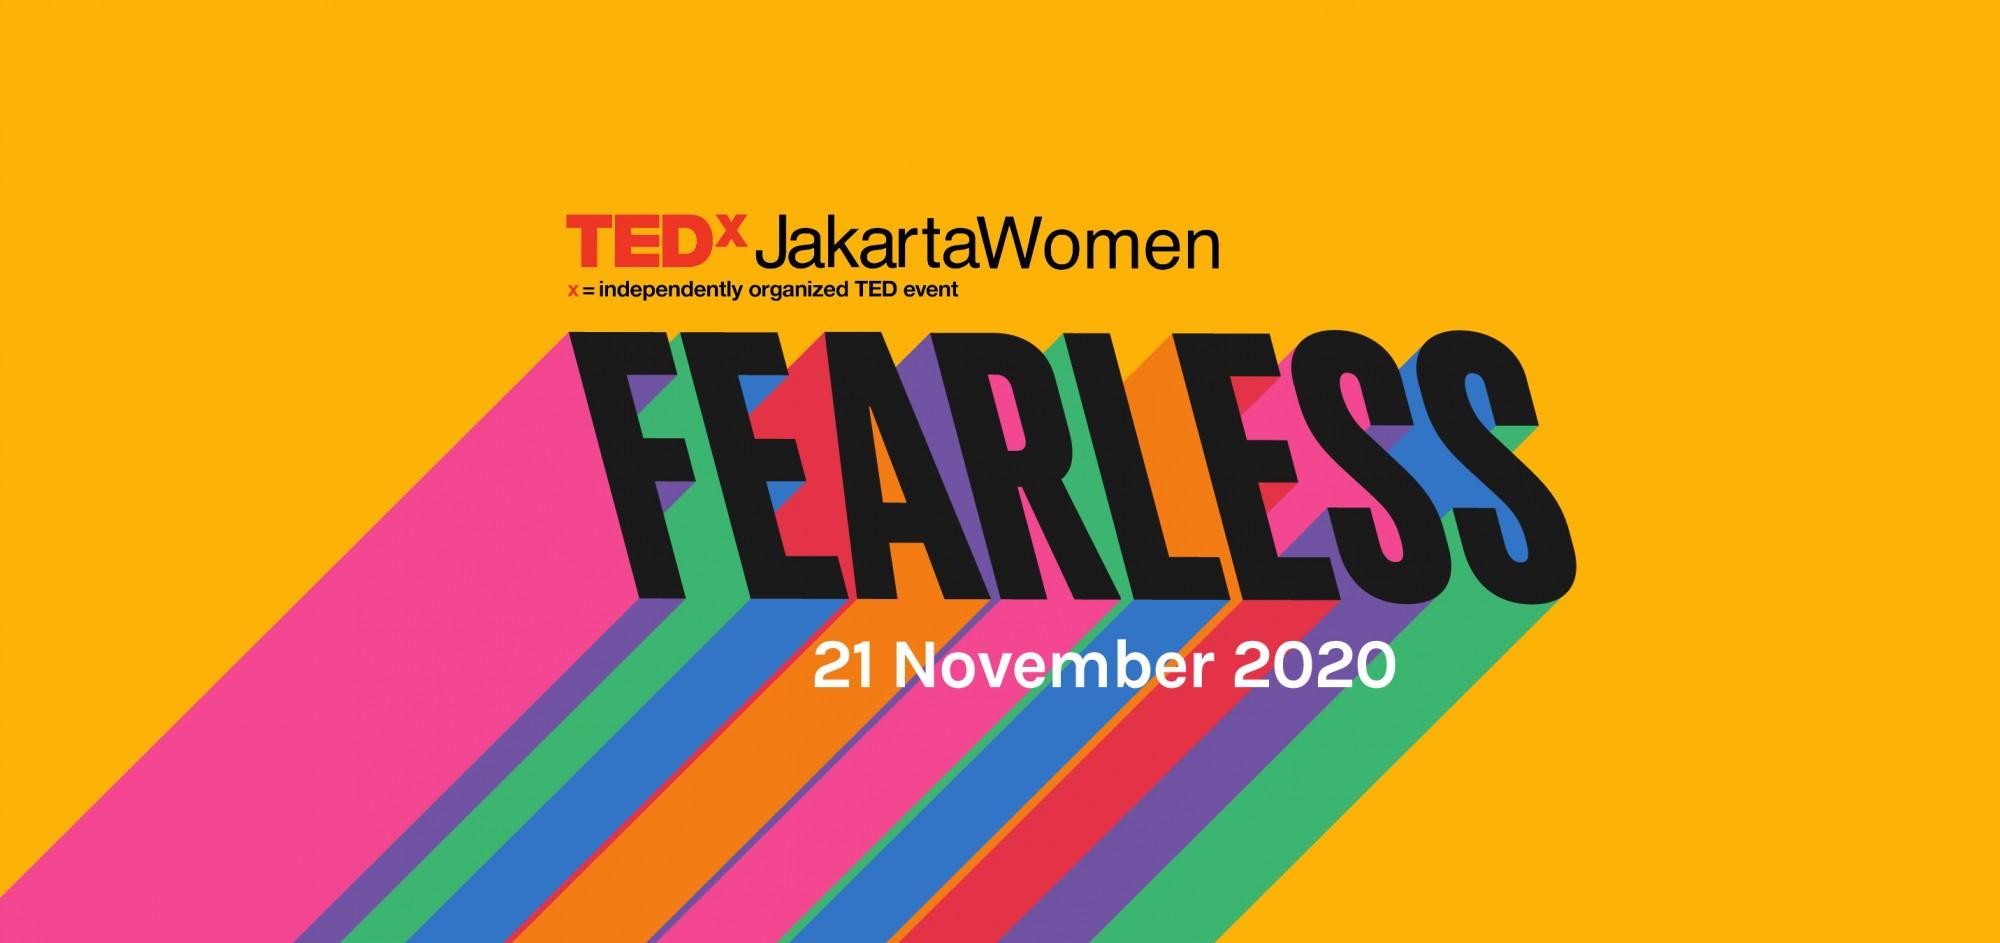 TEDxJakartaWomen: Fearless